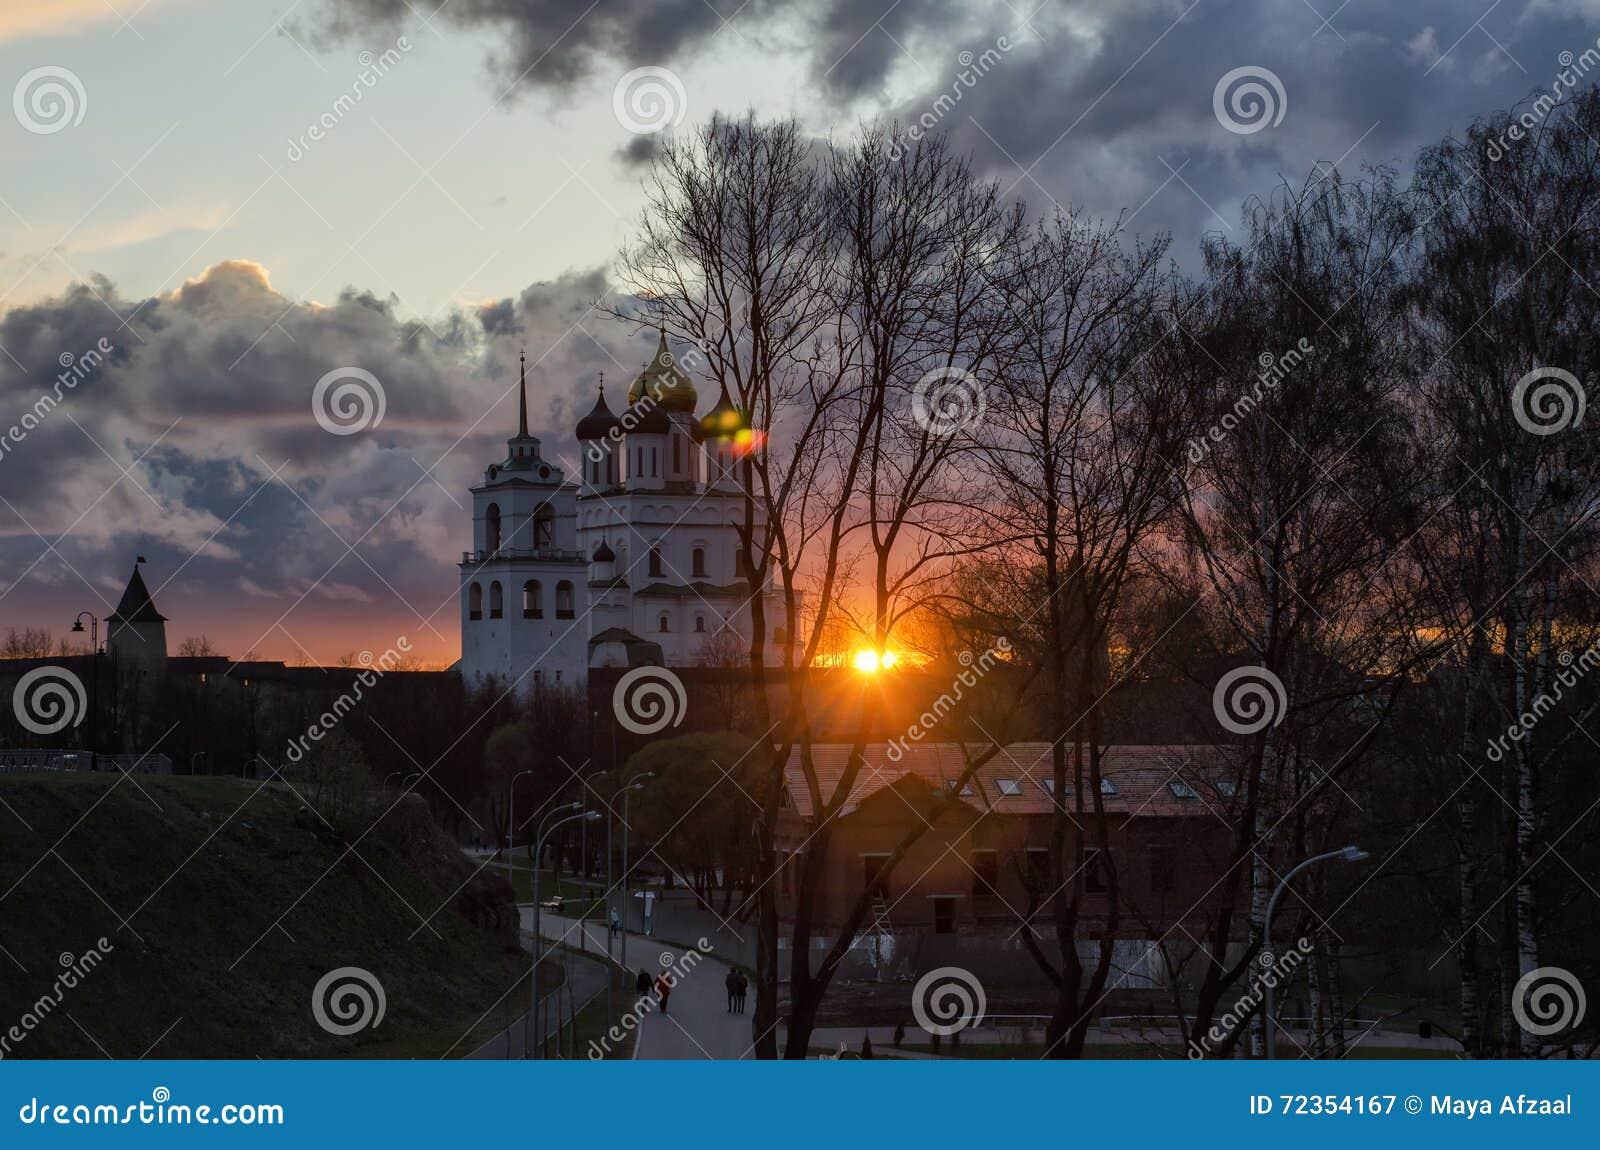 普斯克夫三位一体大教堂 在普斯克夫克里姆林宫的日落